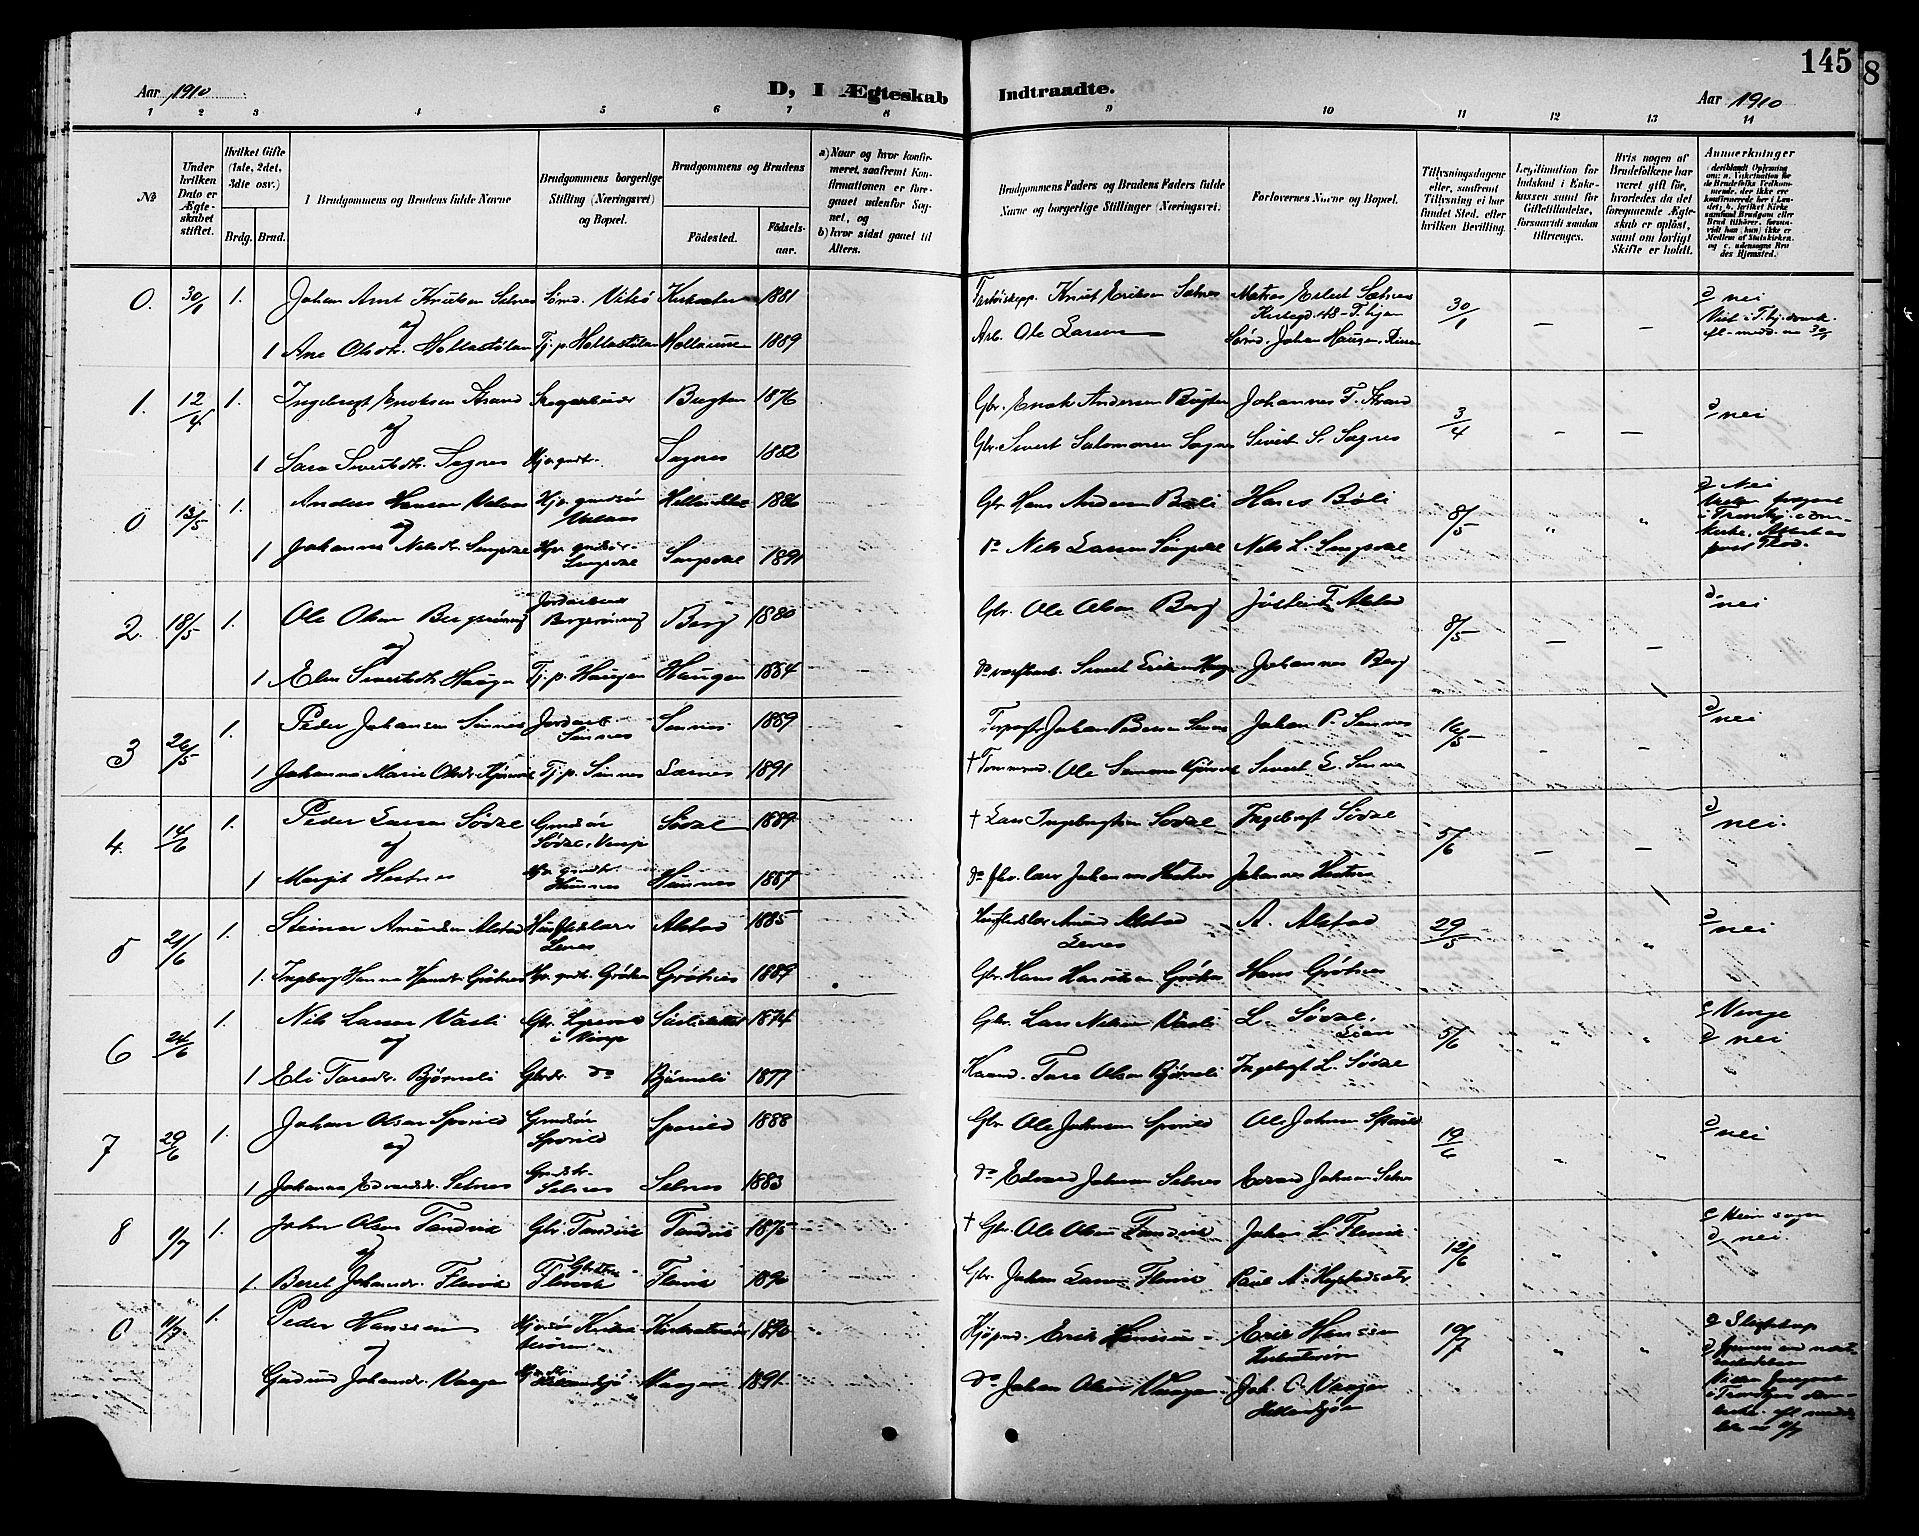 SAT, Ministerialprotokoller, klokkerbøker og fødselsregistre - Sør-Trøndelag, 630/L0505: Klokkerbok nr. 630C03, 1899-1914, s. 145